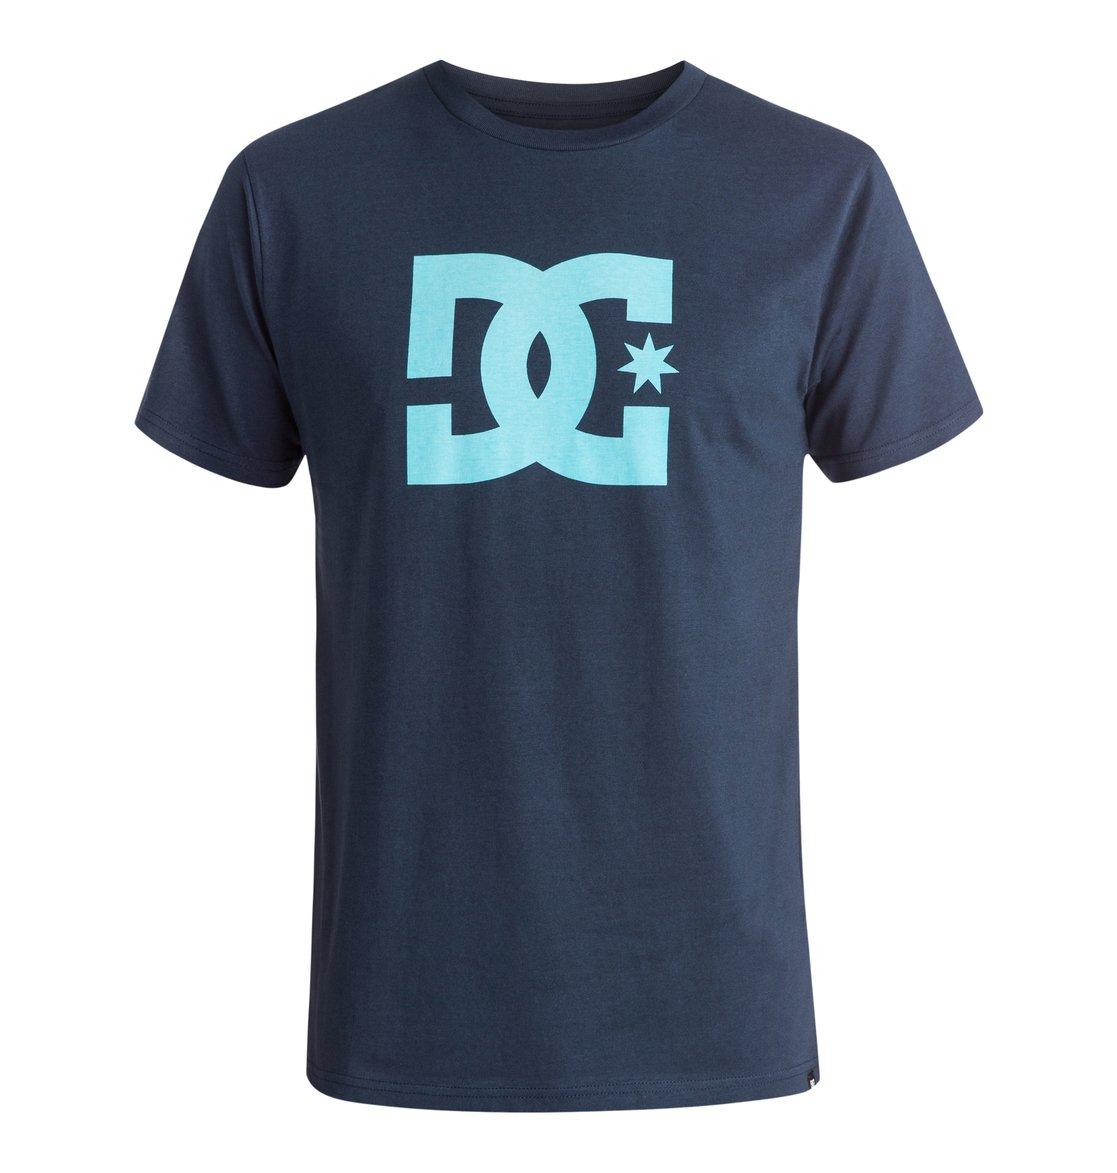 Star T-ShirtМужская футболка Star от DC Shoes. <br>ХАРАКТЕРИСТИКИ: короткие рукава, стандартный крой, мягкий графический принт. <br>СОСТАВ: 100% хлопок.<br>